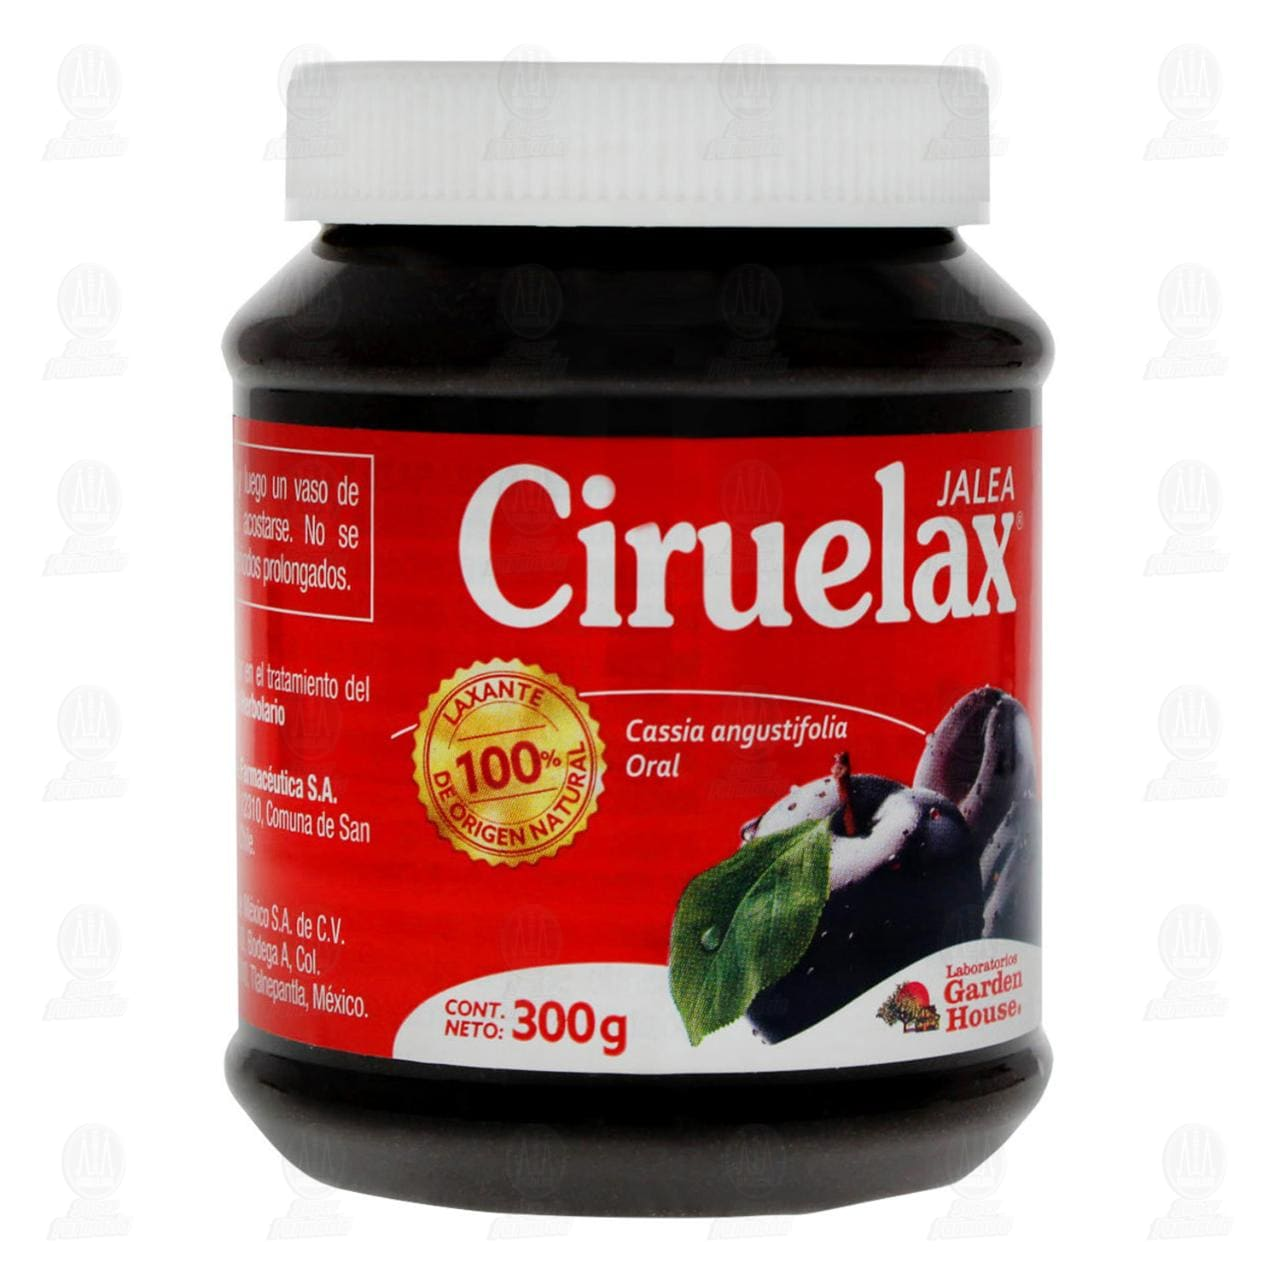 comprar https://www.movil.farmaciasguadalajara.com/wcsstore/FGCAS/wcs/products/969761_A_1280_AL.jpg en farmacias guadalajara